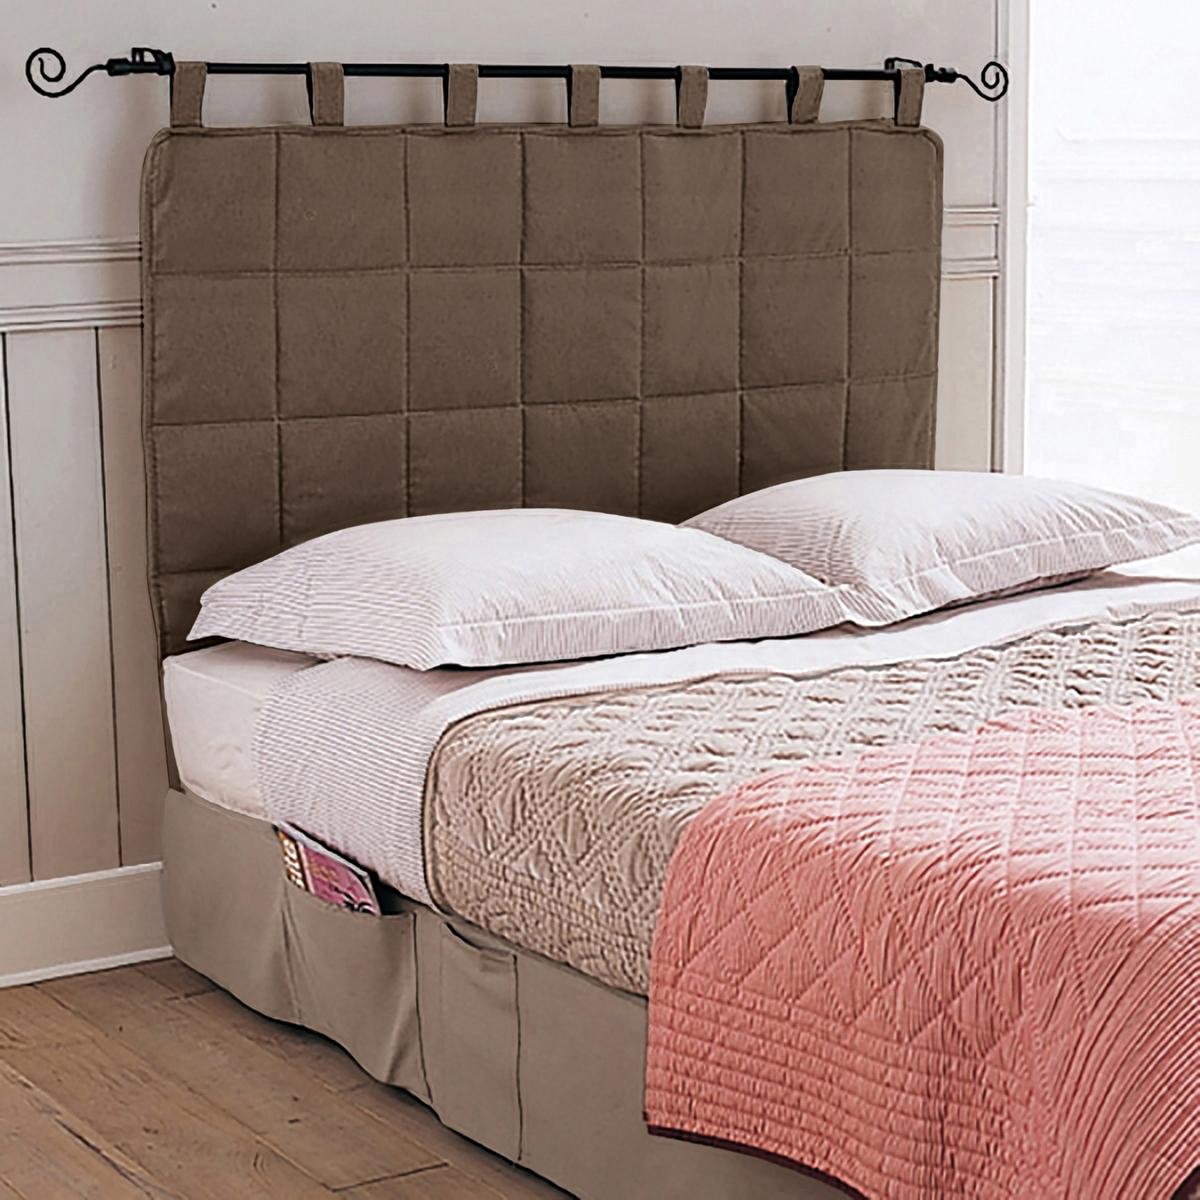 Панель для изголовьяСтеганая панель для изголовья кровати элегантно дополнит интерьер Вашей спальни. Ткань из 80% хлопка, 20% полиэстера. 5 стильных цветов на выбор. Высота 90 см (из них 10 см - шлевки). Стирка при 40°.<br><br>Цвет: серо-коричневый каштан<br>Размер: 160 x 100 см